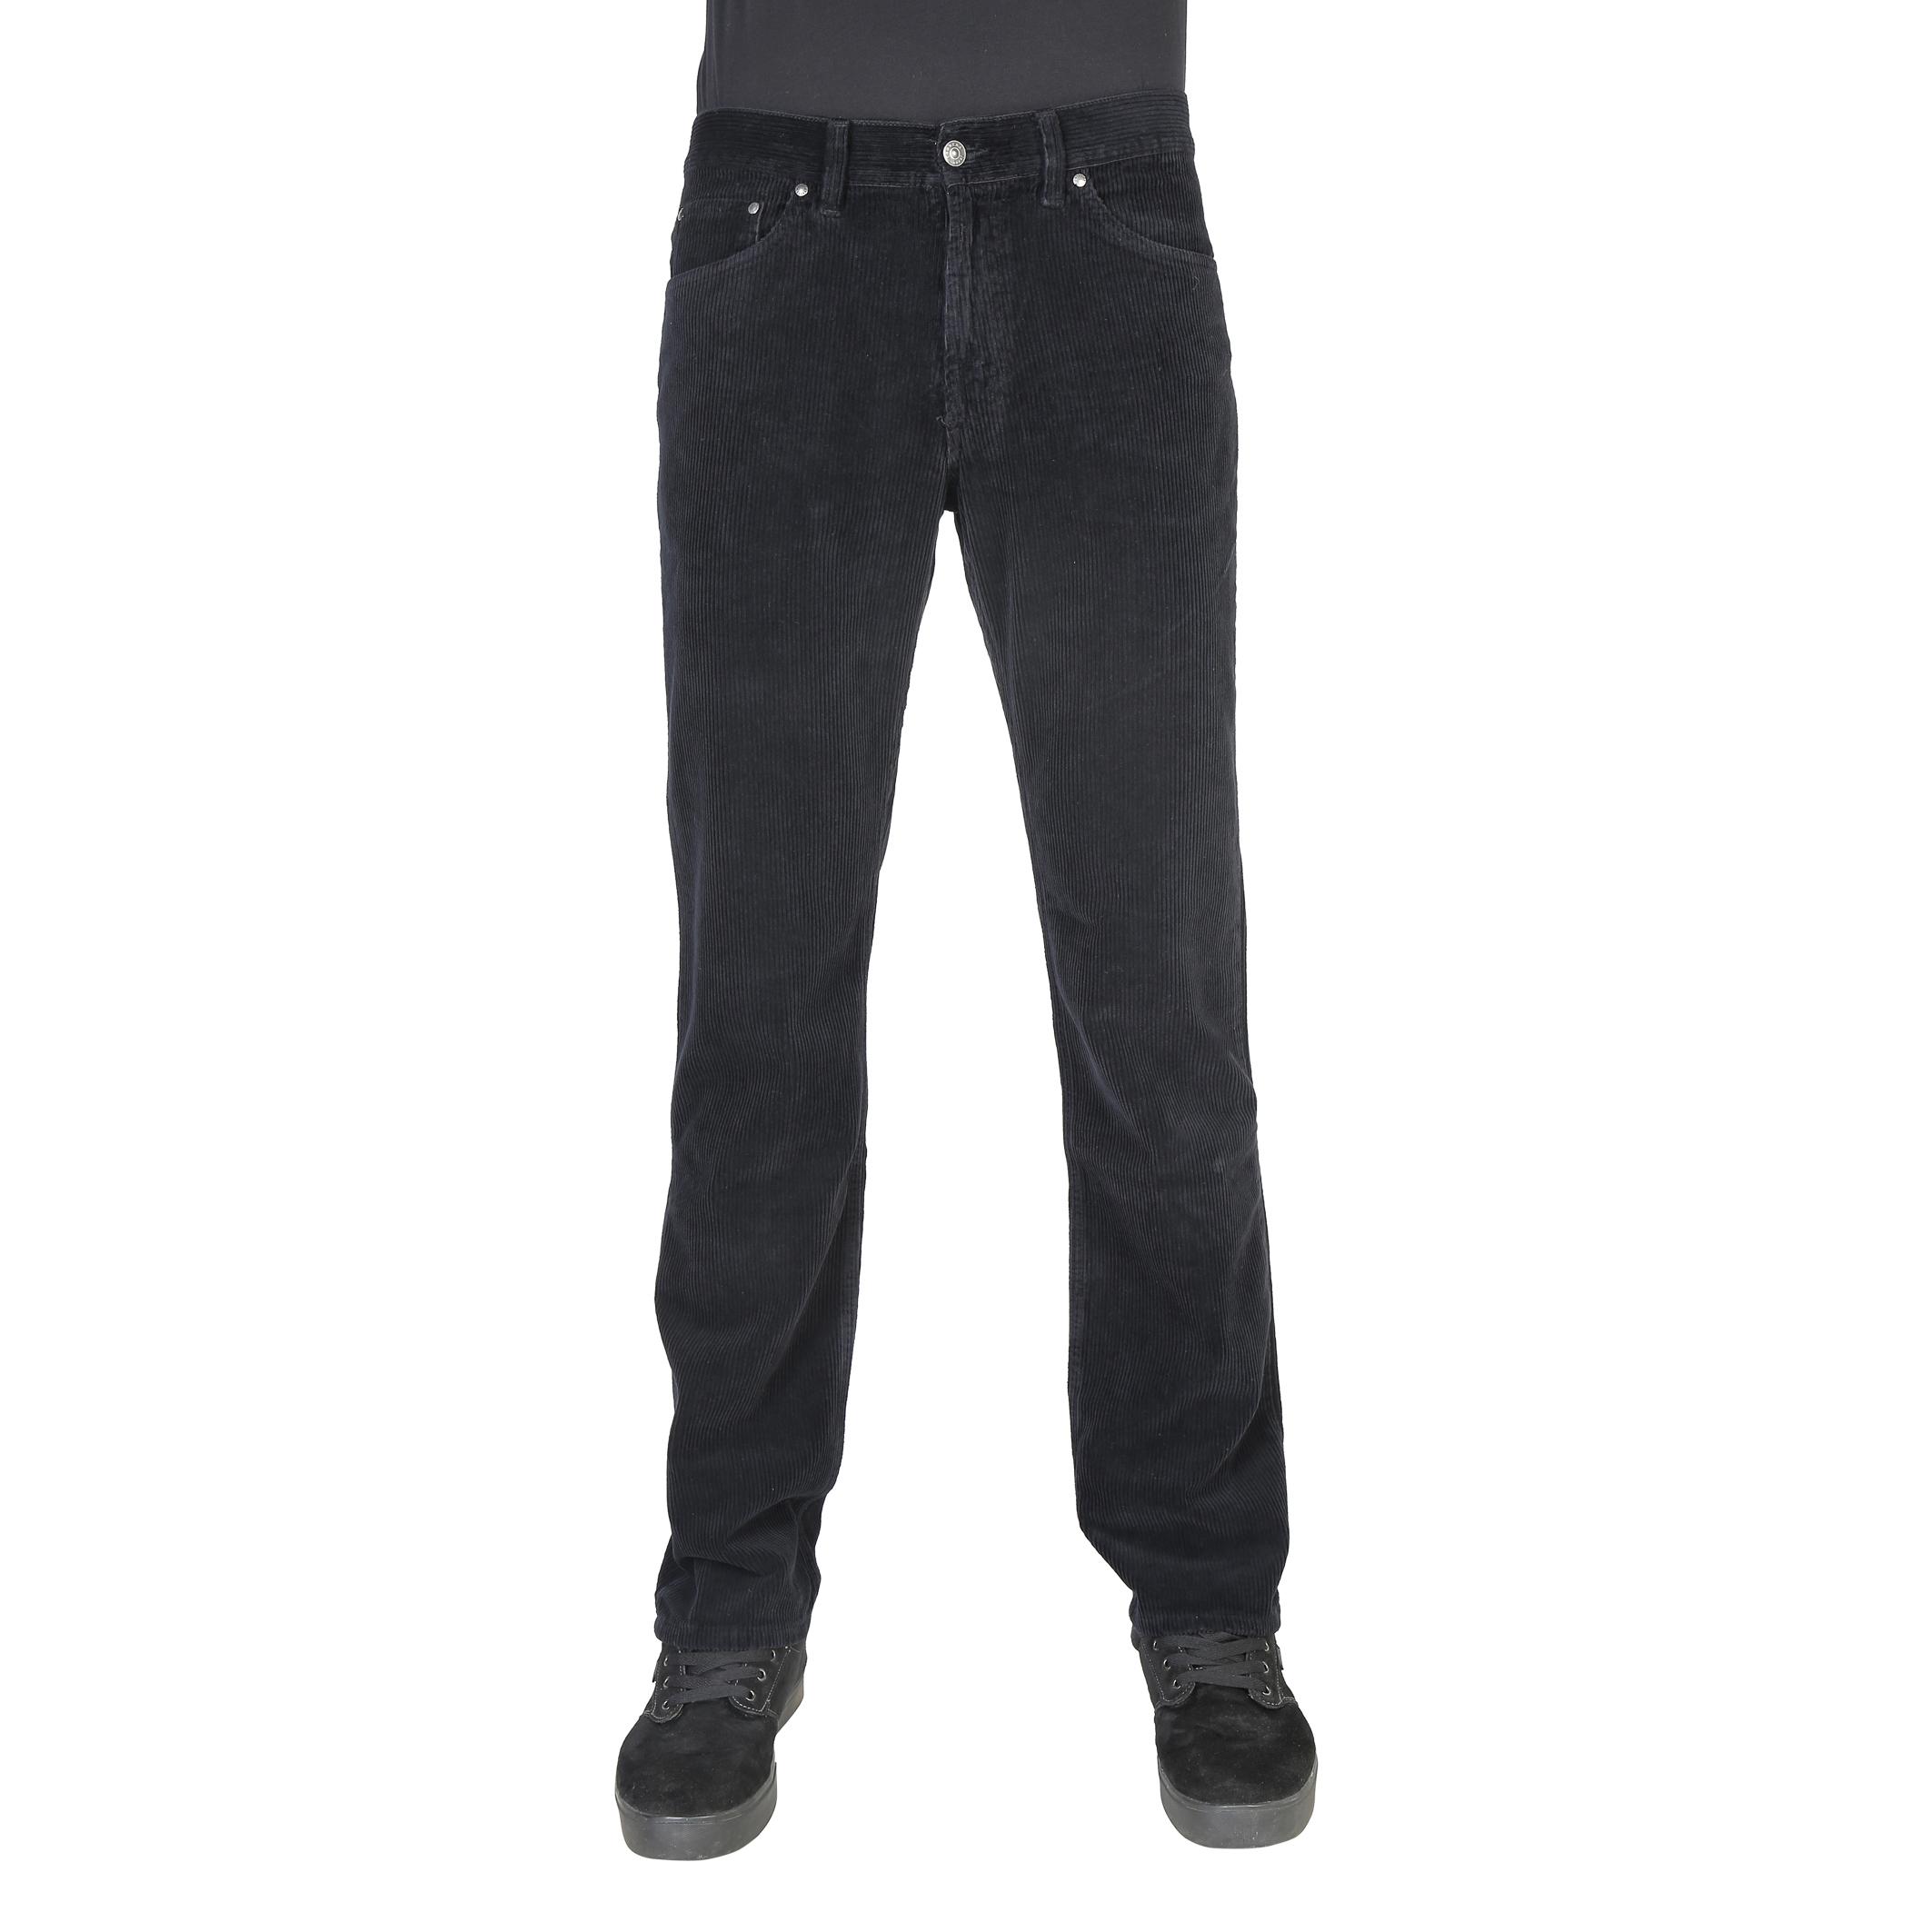 Jeans Carrera Jeans 000700_1051A Uomo Blu 76375